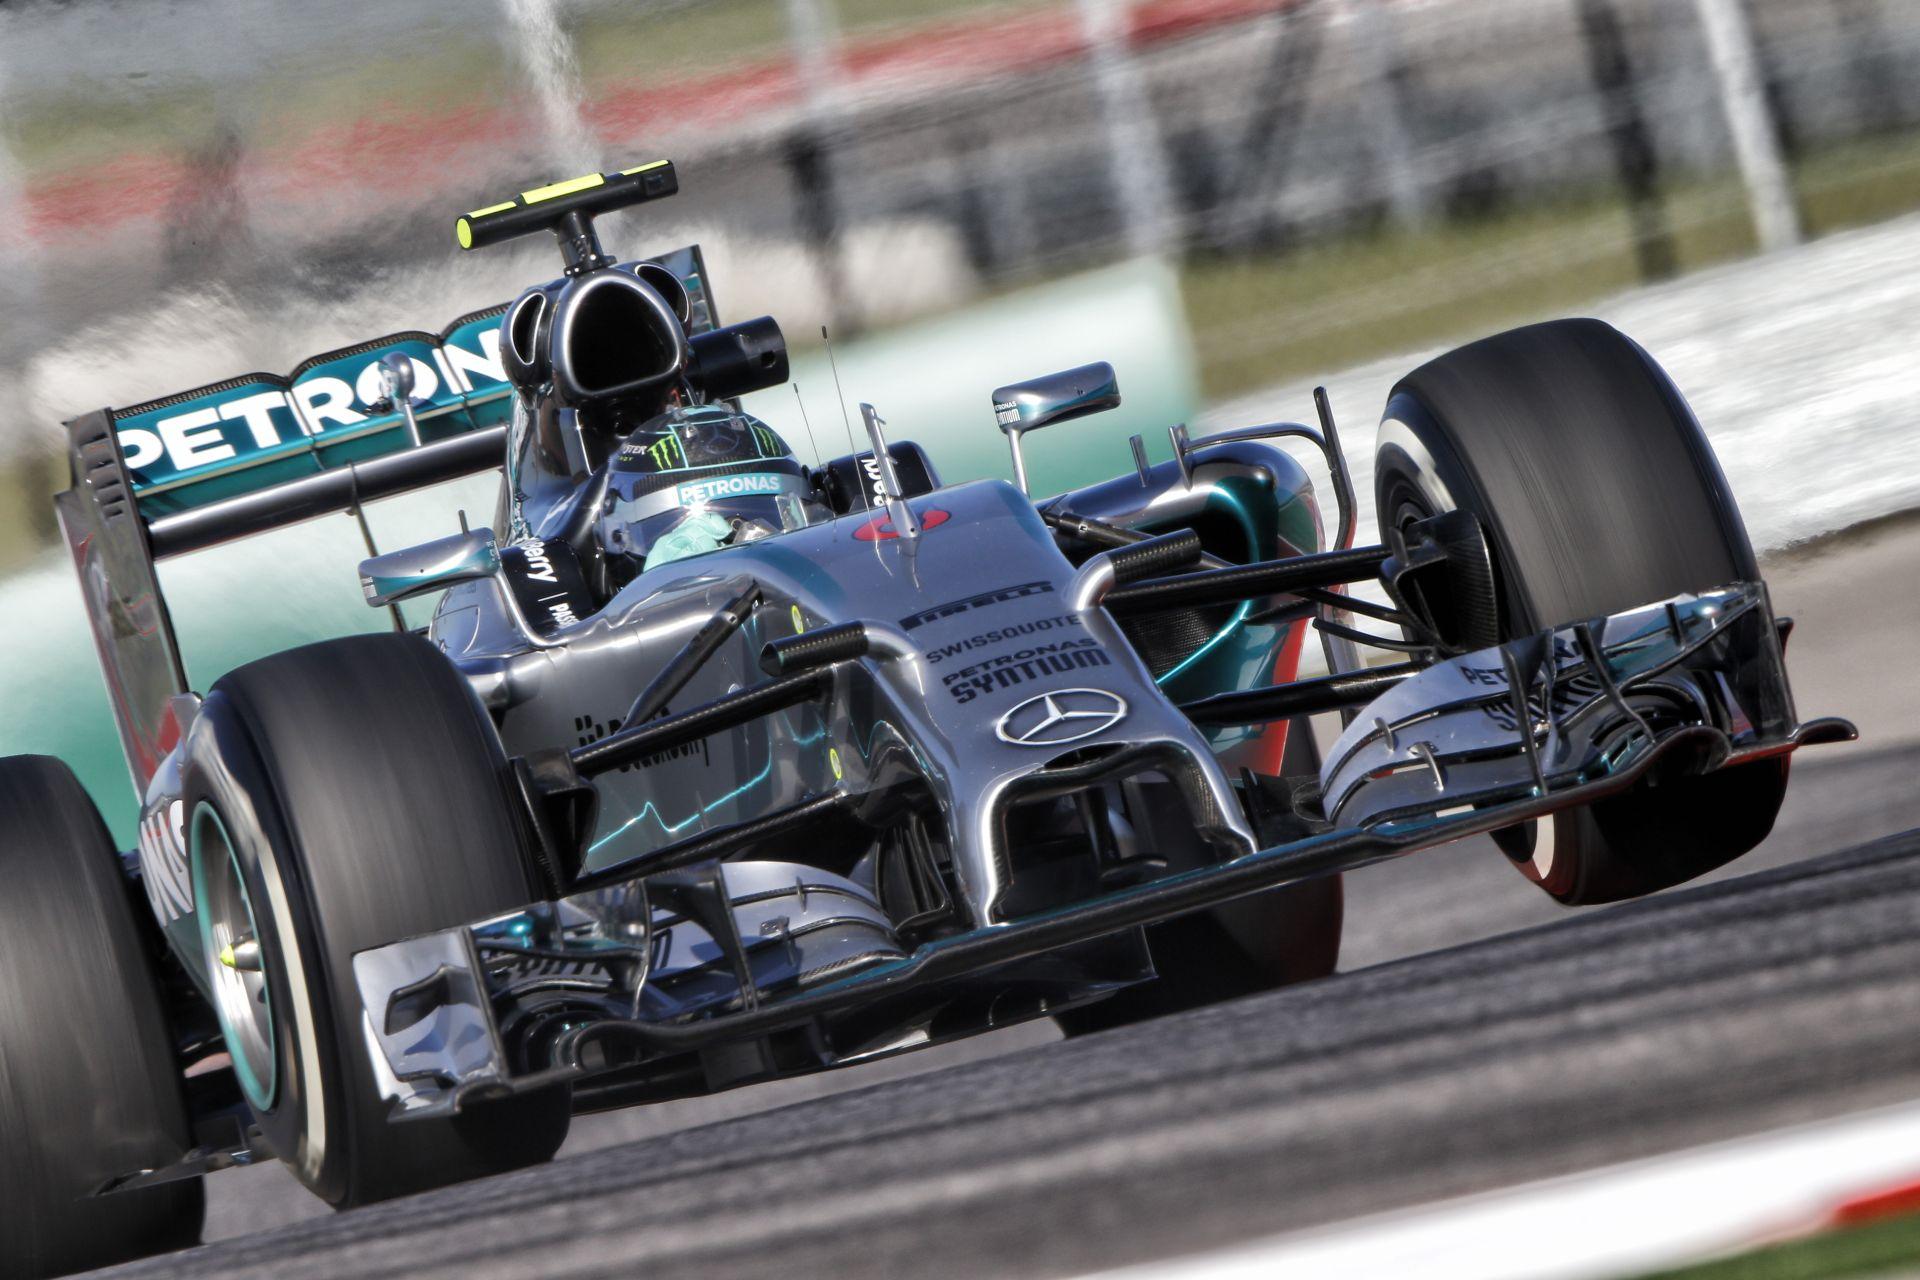 Kiderült, hogy Rosberg miért bukta el a győzelmet Amerikában: Videón Hamilton gyönyörű előzése